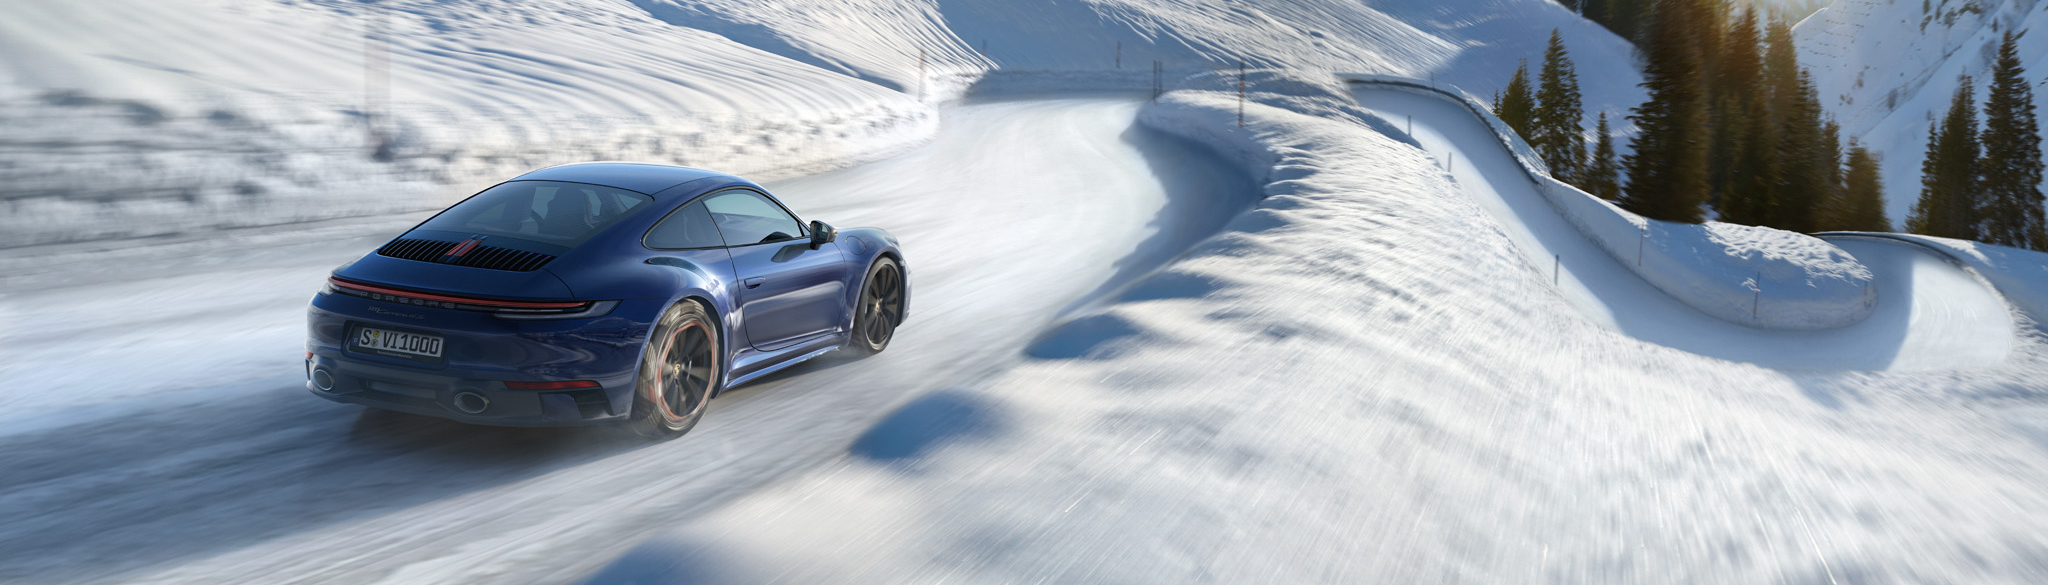 Porsche Winter Wheels